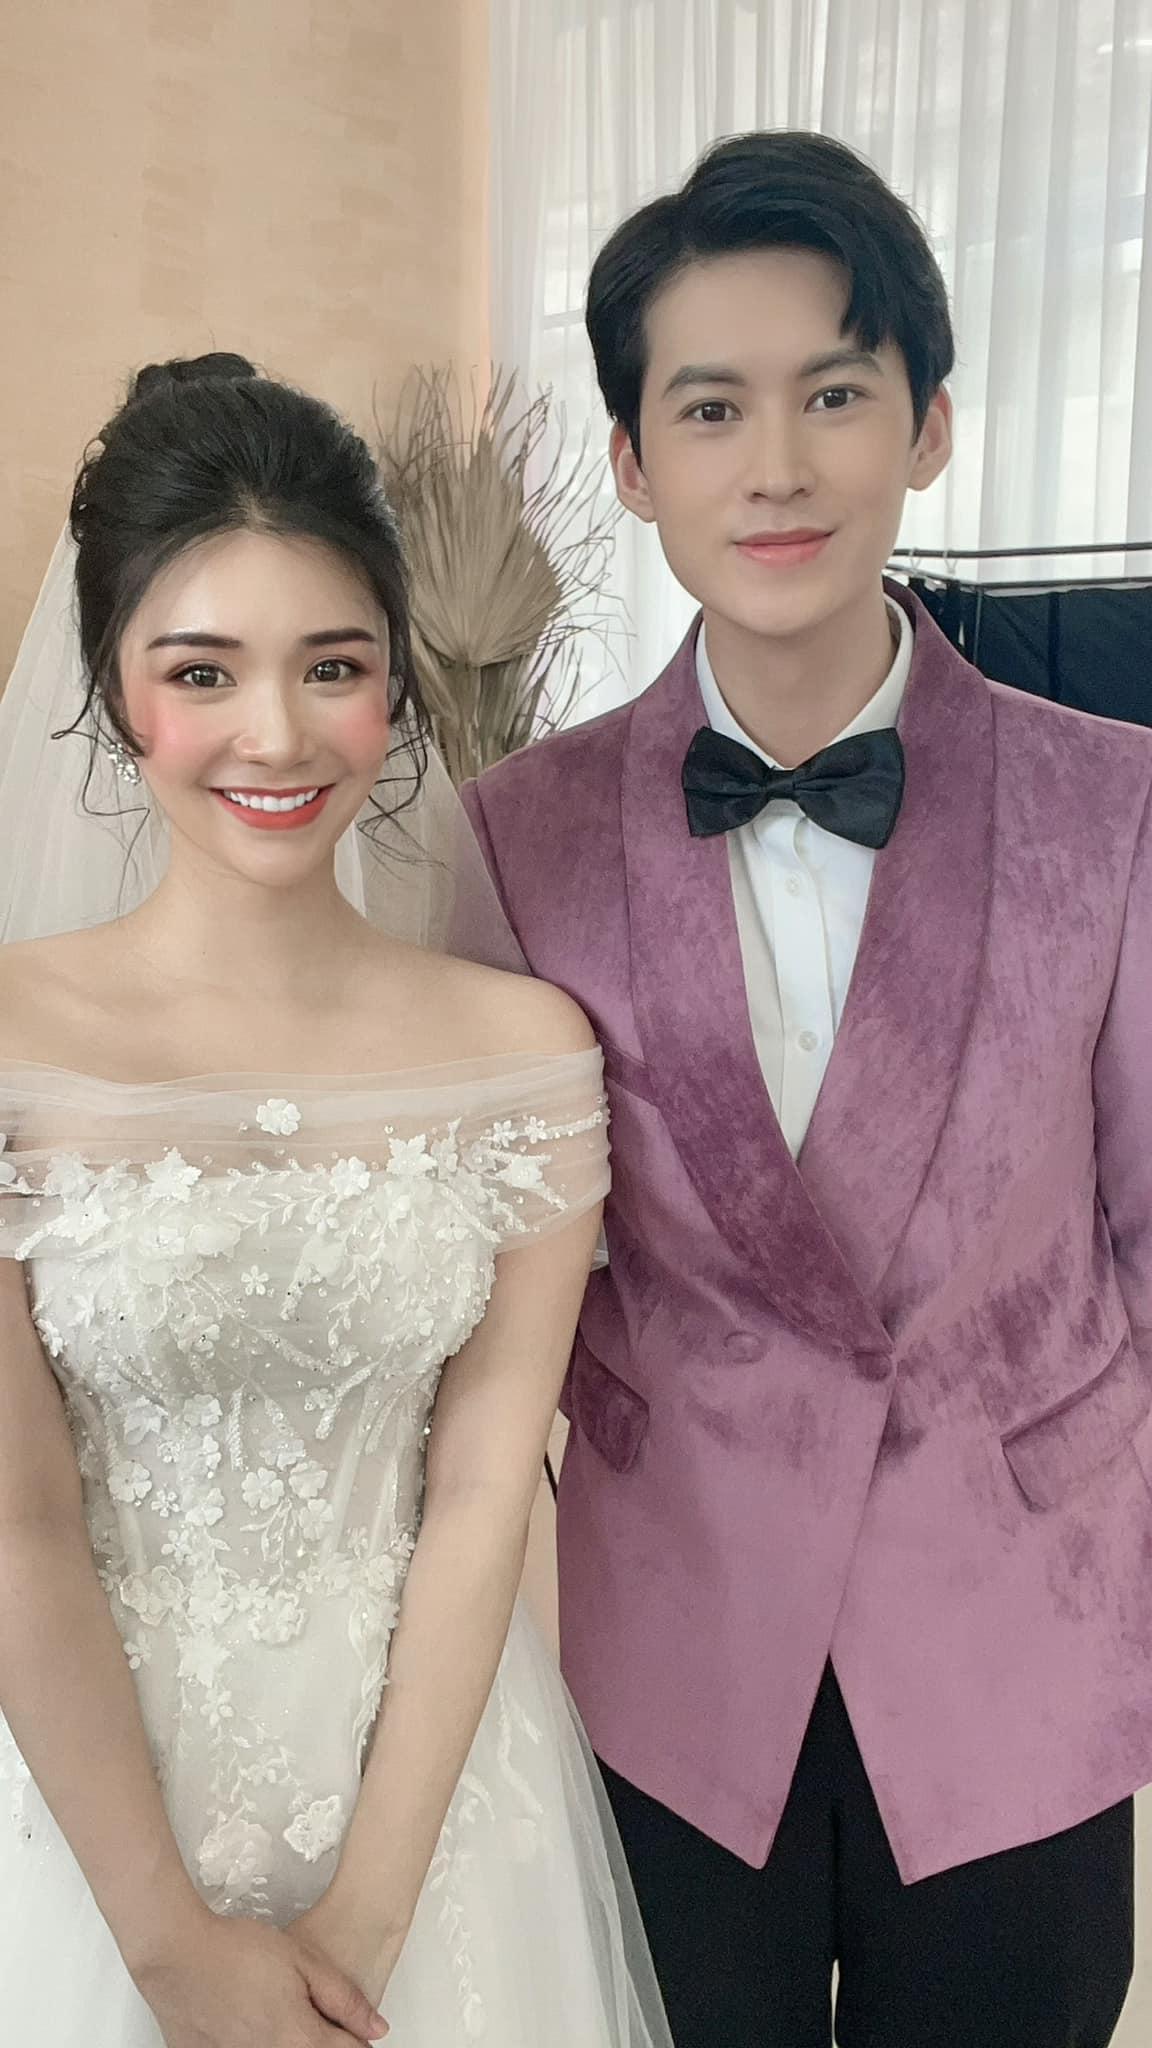 Thanh Bi bất ngờ khoe ảnh cưới khiến fan ngạc nhiên - 1